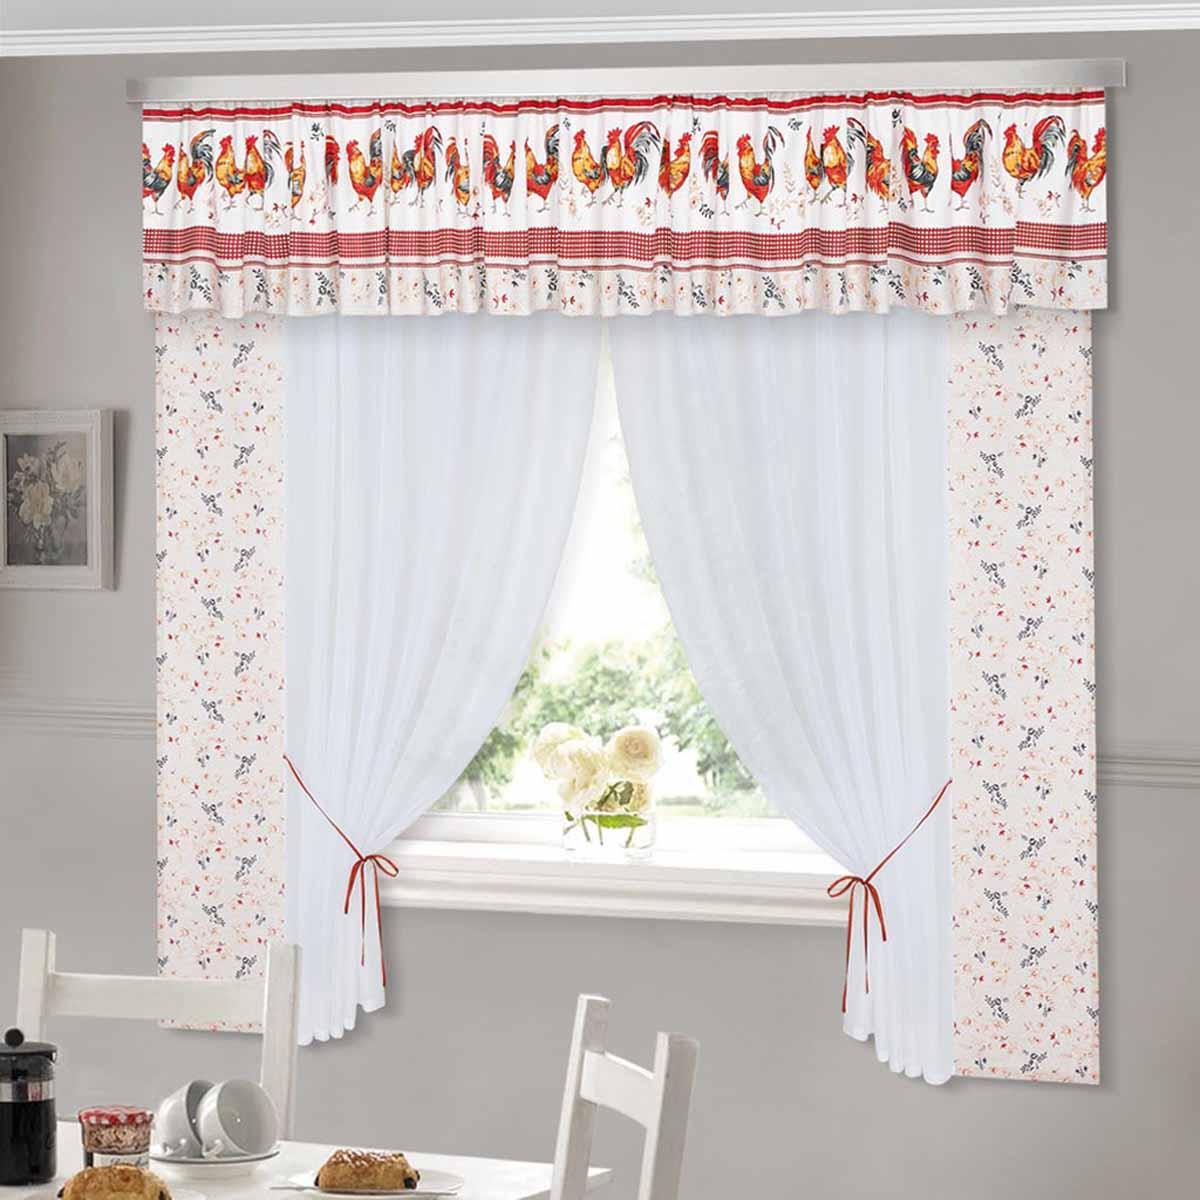 Комплект штор ТД Текстиль Золотой петушок, на ленте, цвет: белый, бежевый, красный, высота 180 см89505Шторы с набивным рисунком.